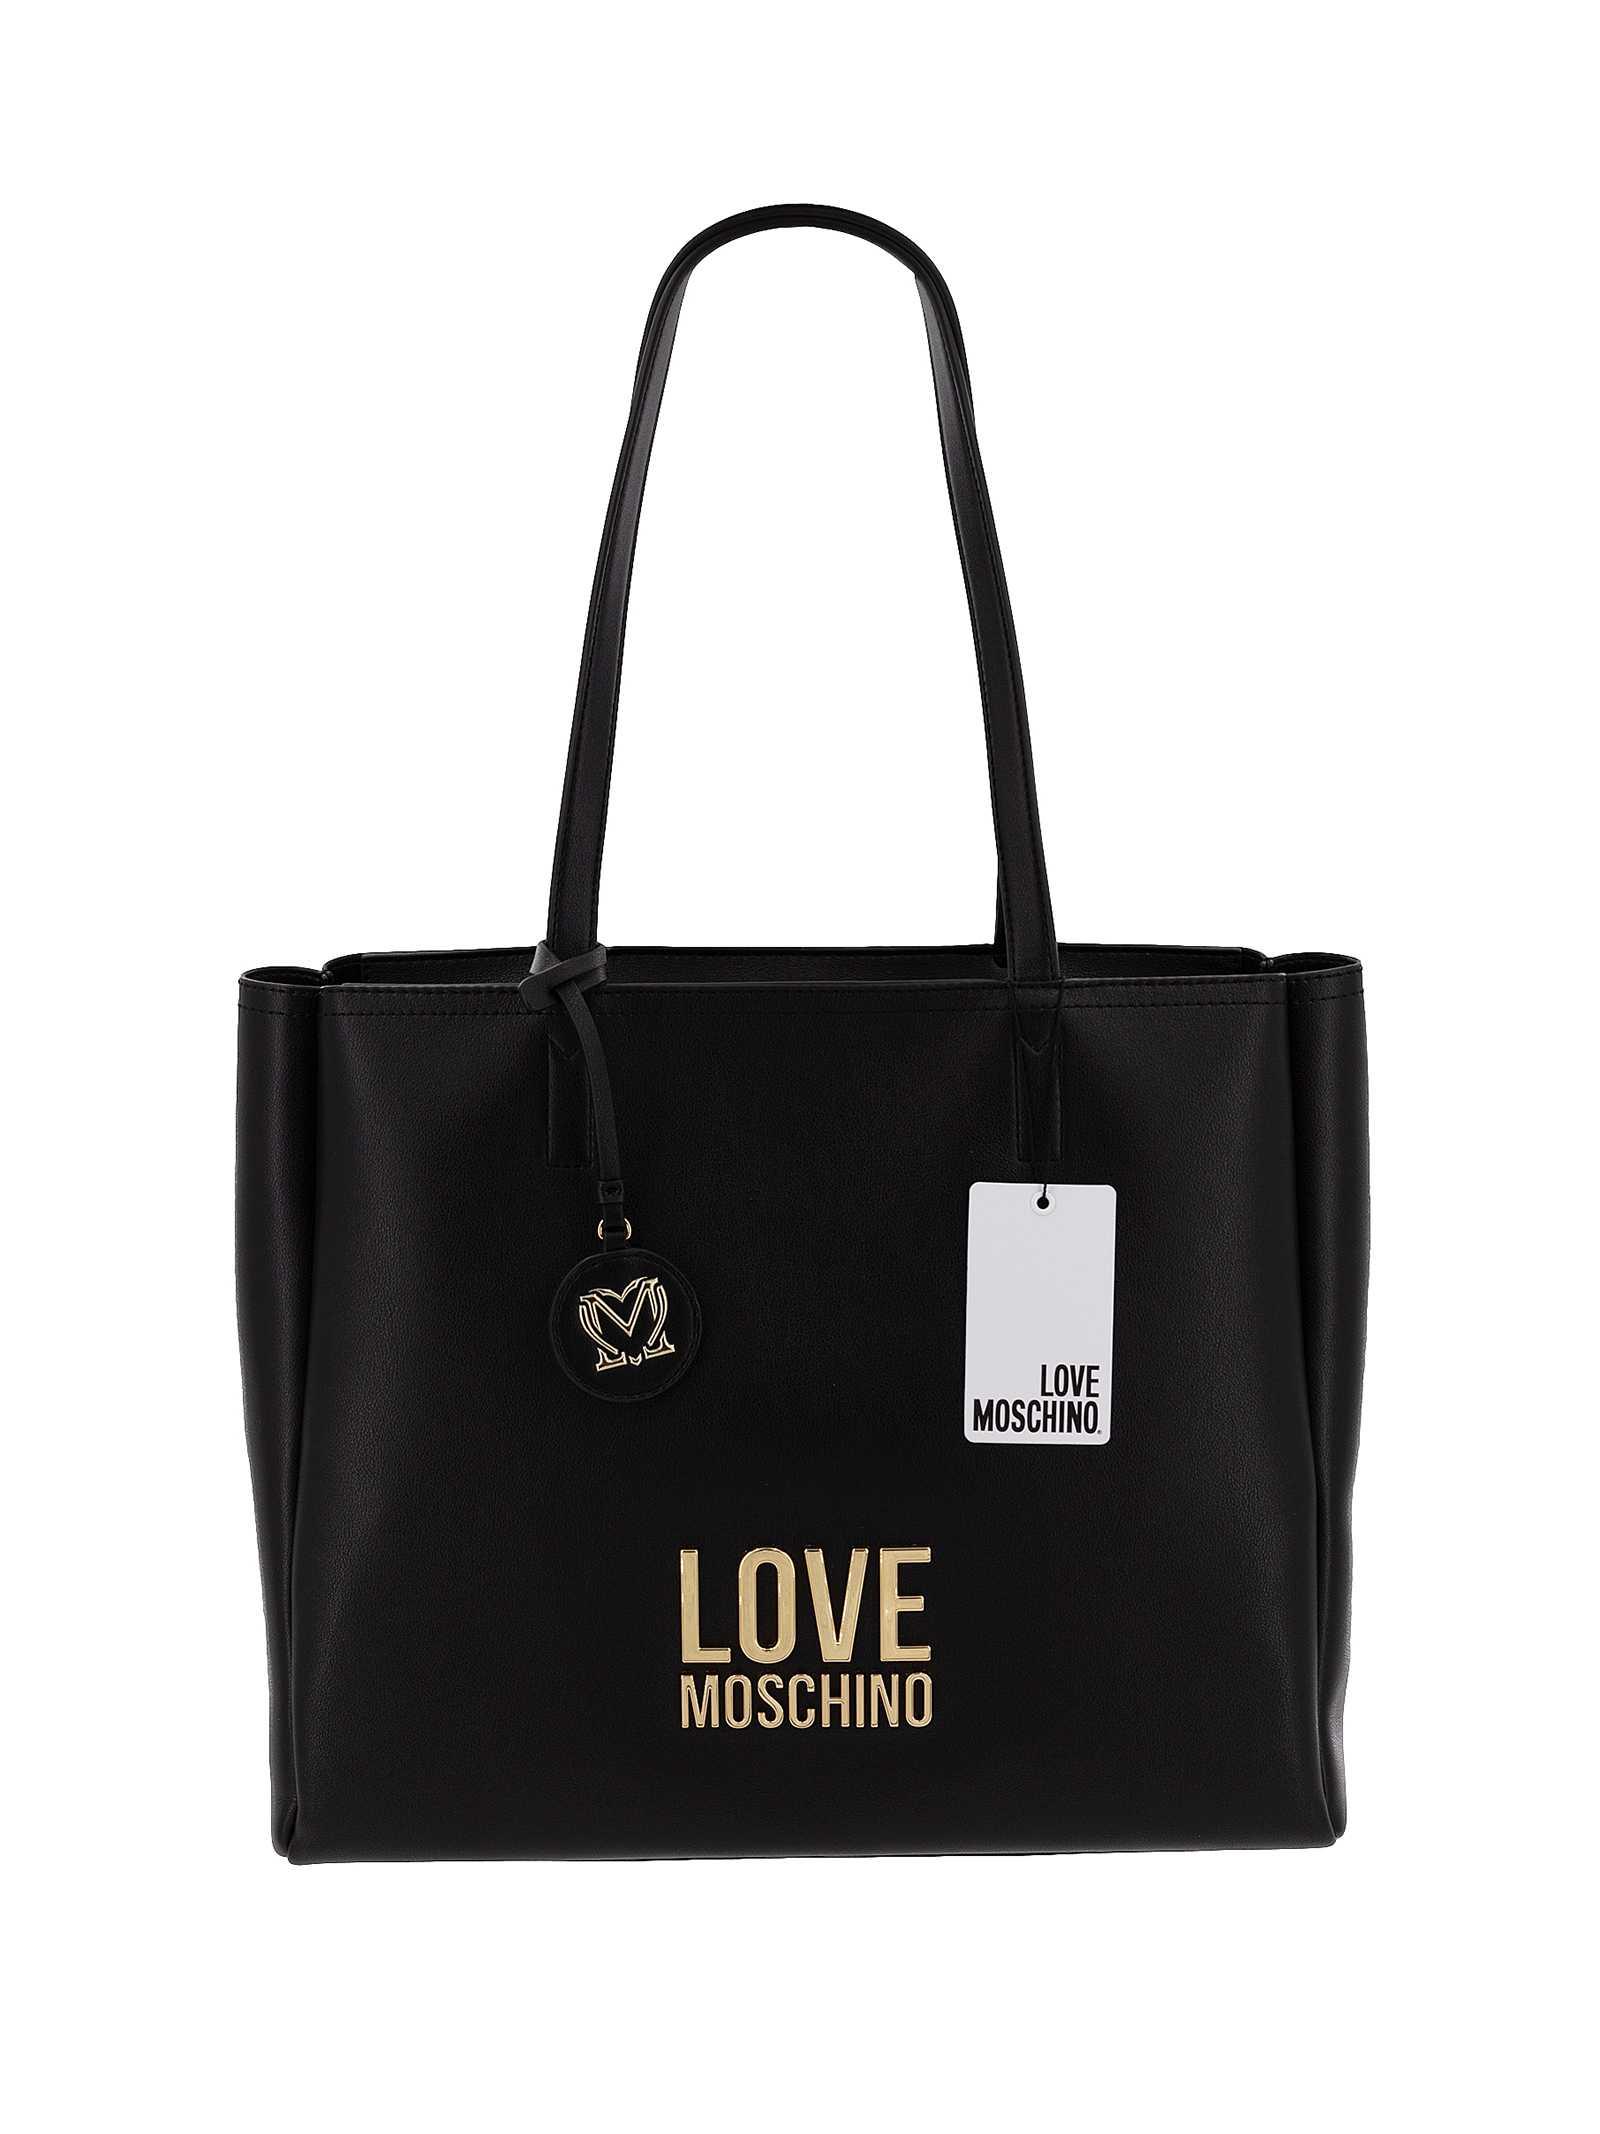 Love Moschino - Shopping - Nero